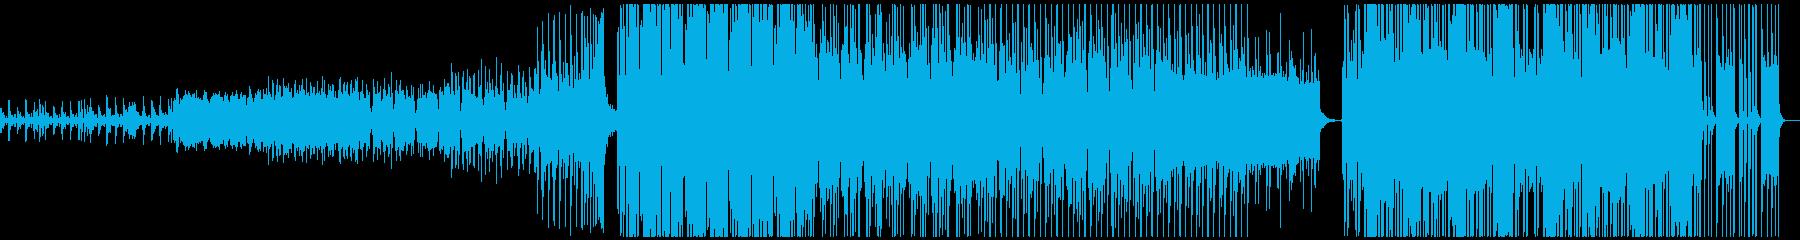 海外自動車のCMをイメージしたEDMの再生済みの波形